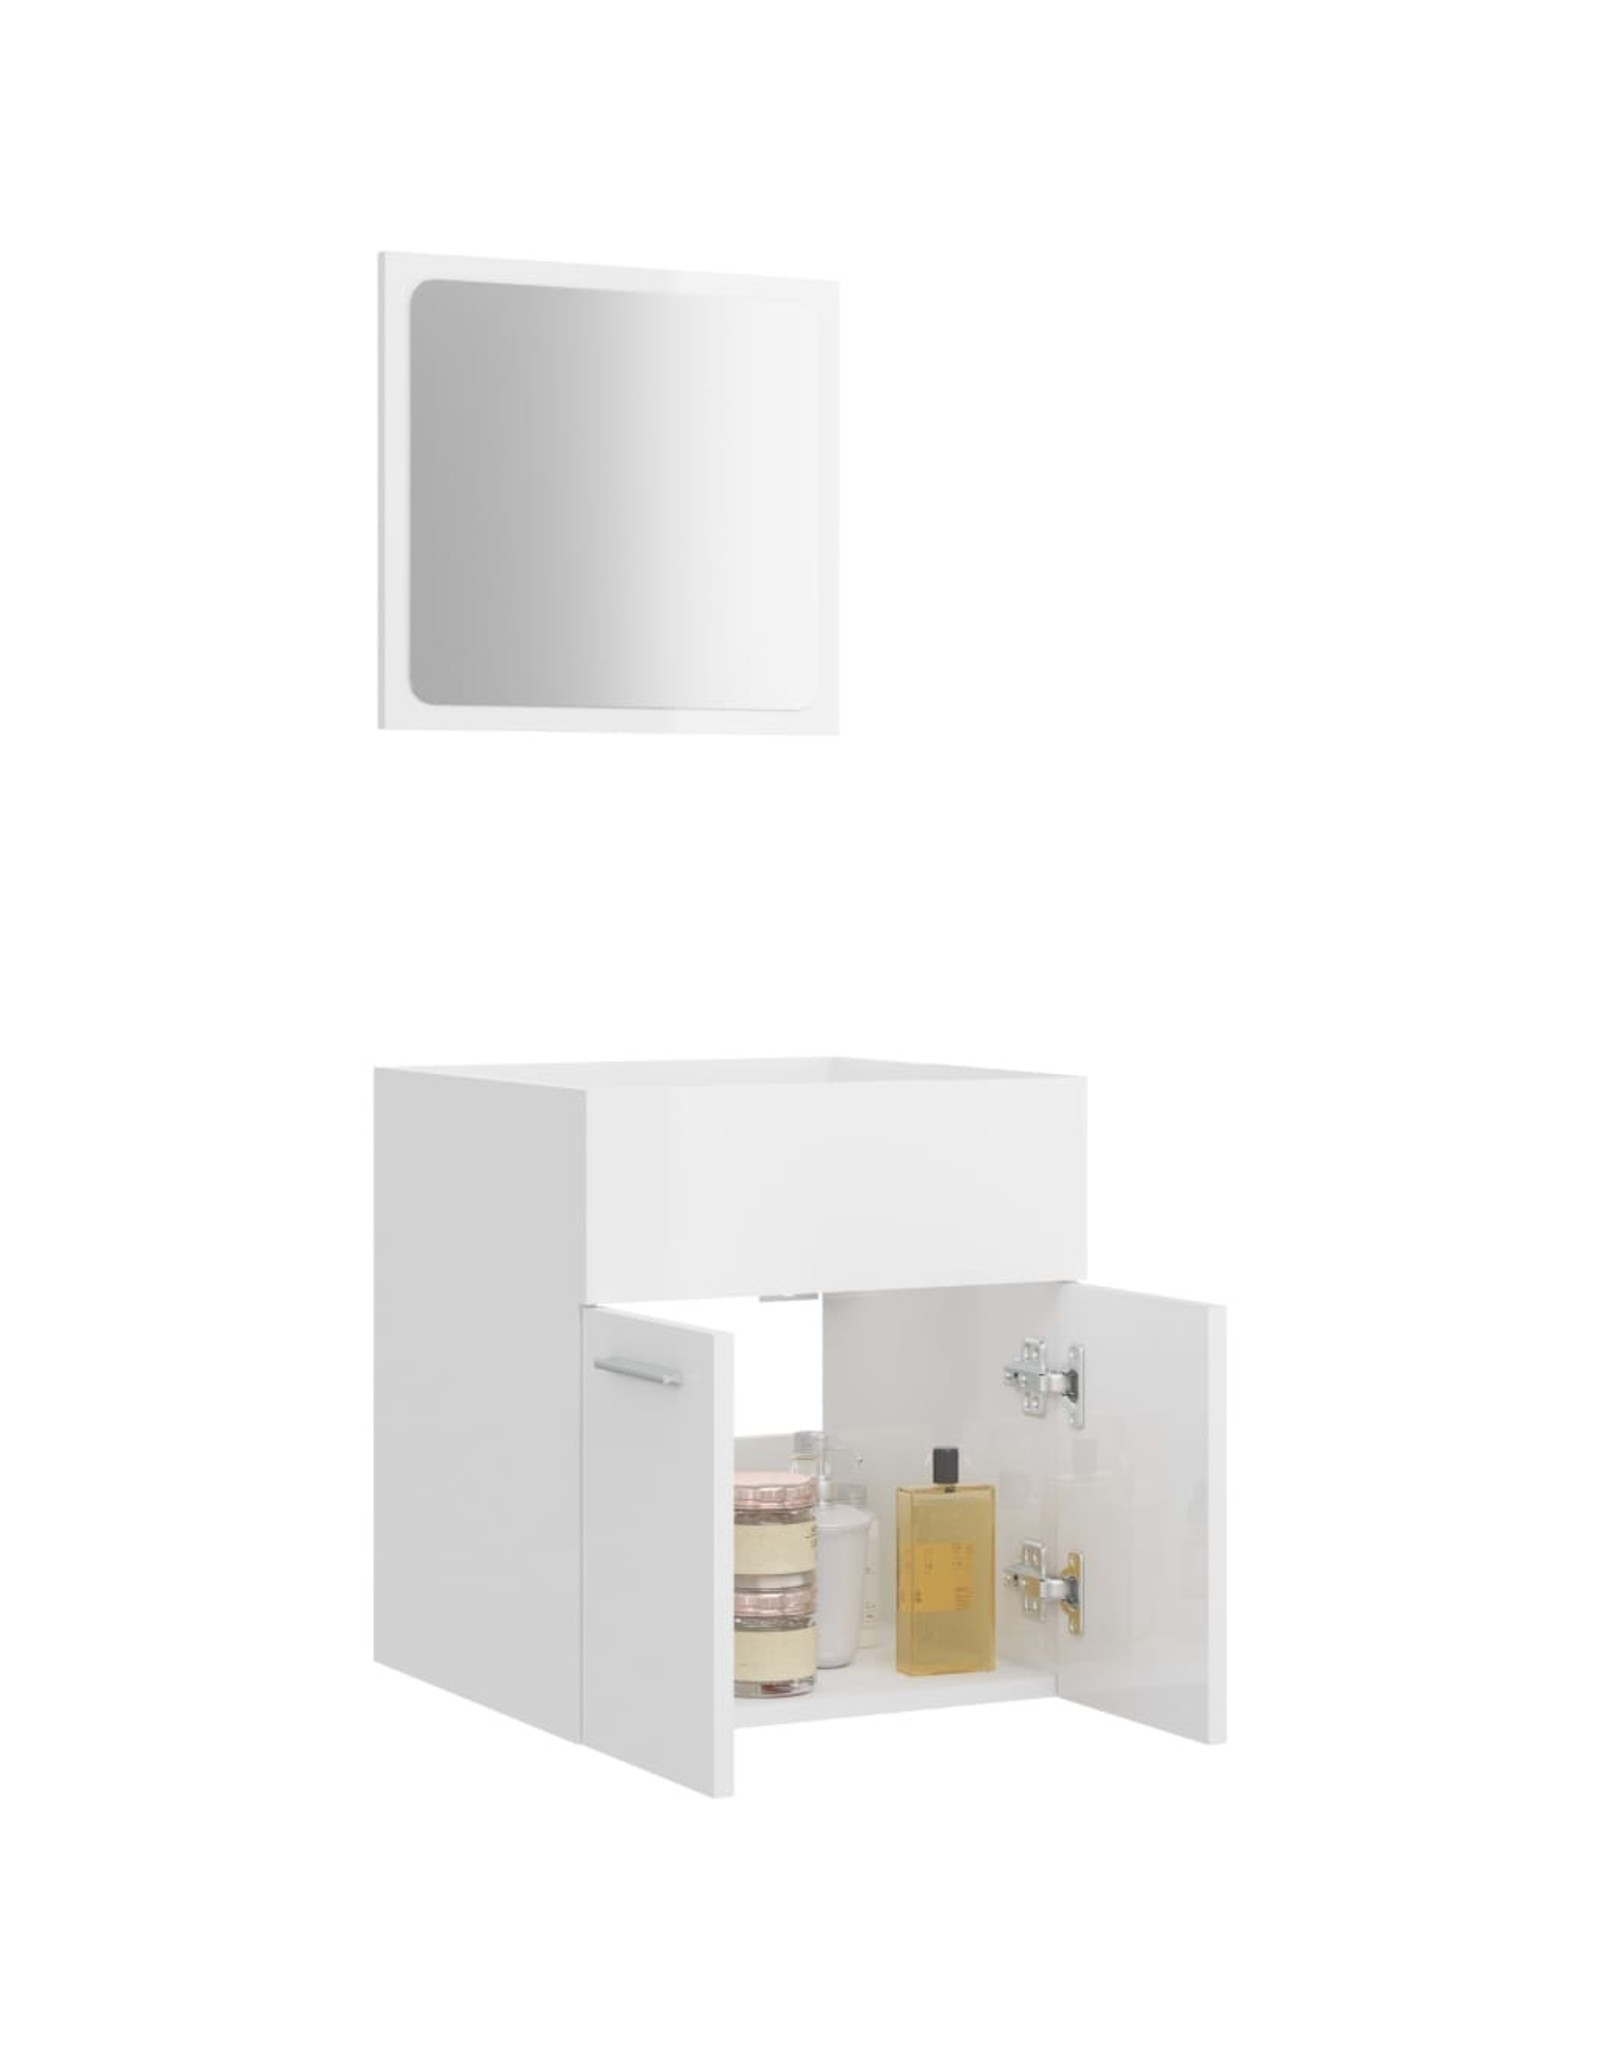 2-delige Badkamermeubelset spaanplaat hoogglans wit